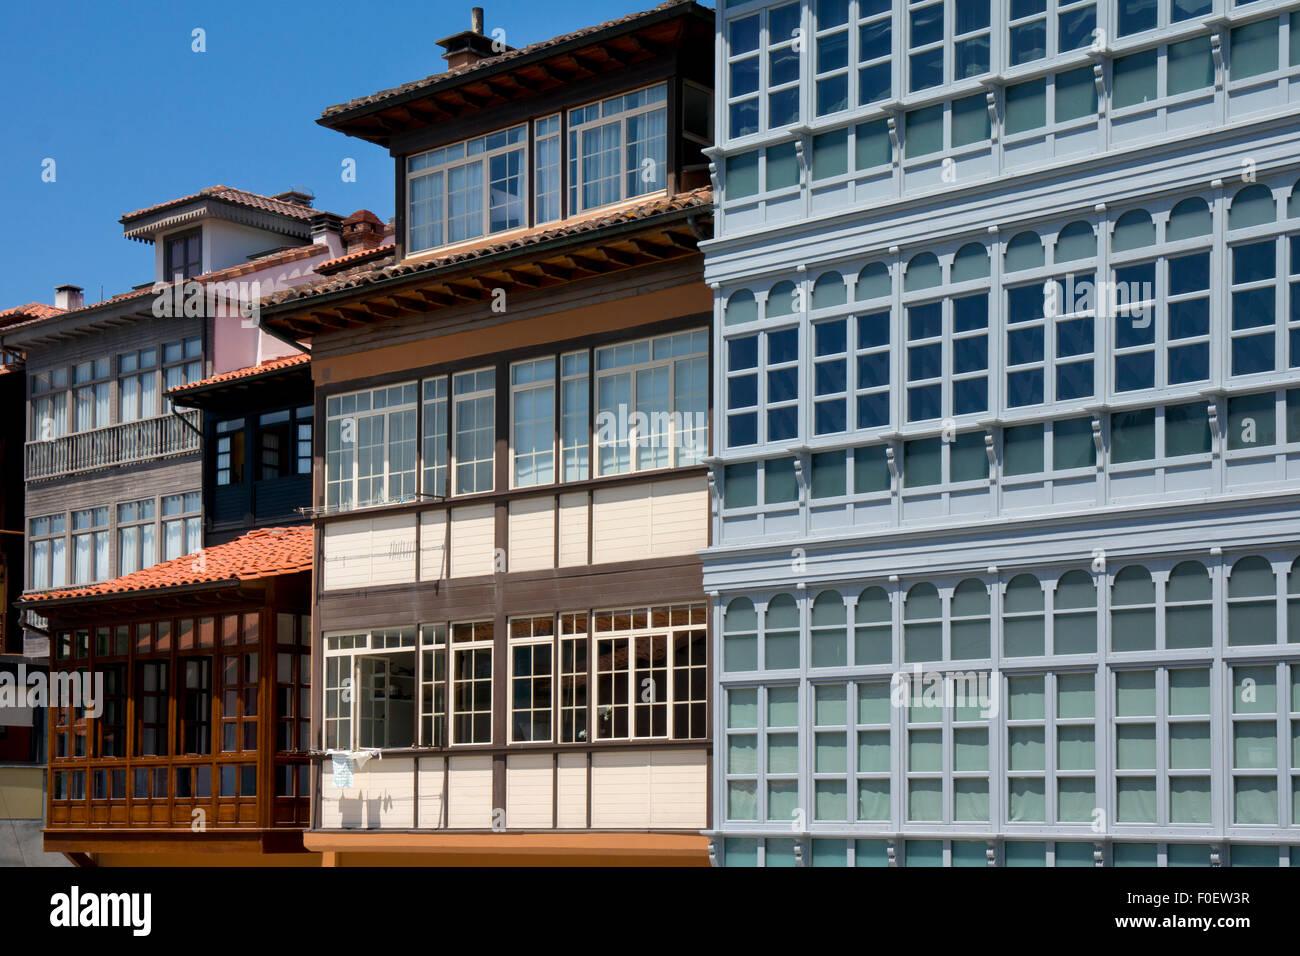 Architettura tradizionale della regione in Llanes,Asturias,Spagna settentrionale Immagini Stock